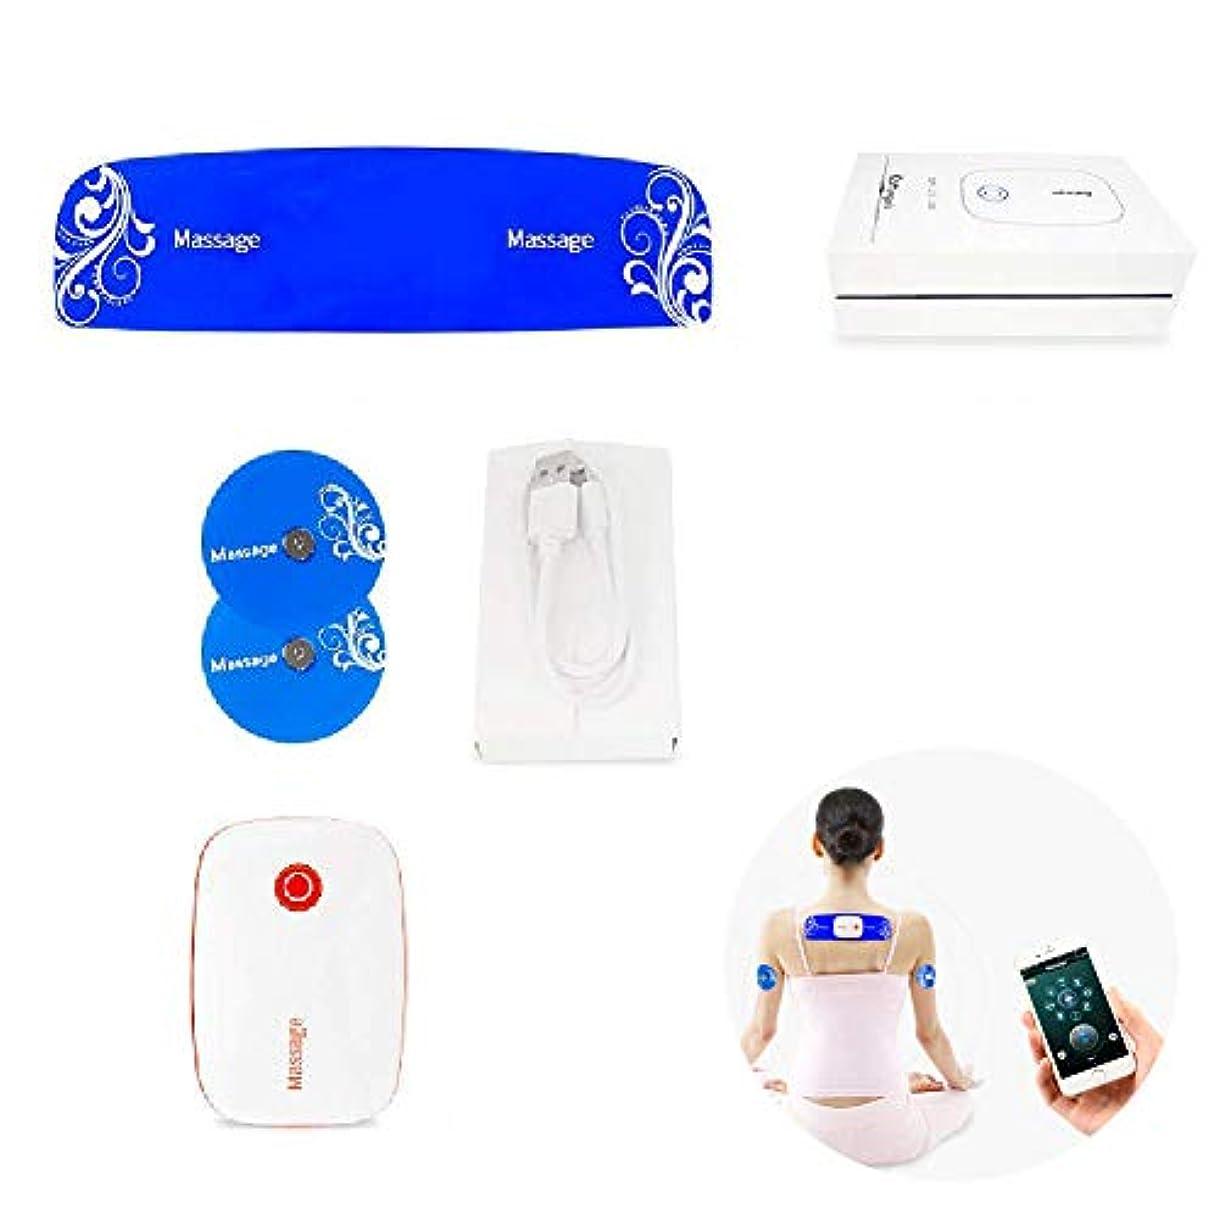 修道院インポート暴動首の肩のマッサージャー深い組織のための電動ポータブルAPP Bluetoothコントロール車のホームとオフィス、調整可能なスピード